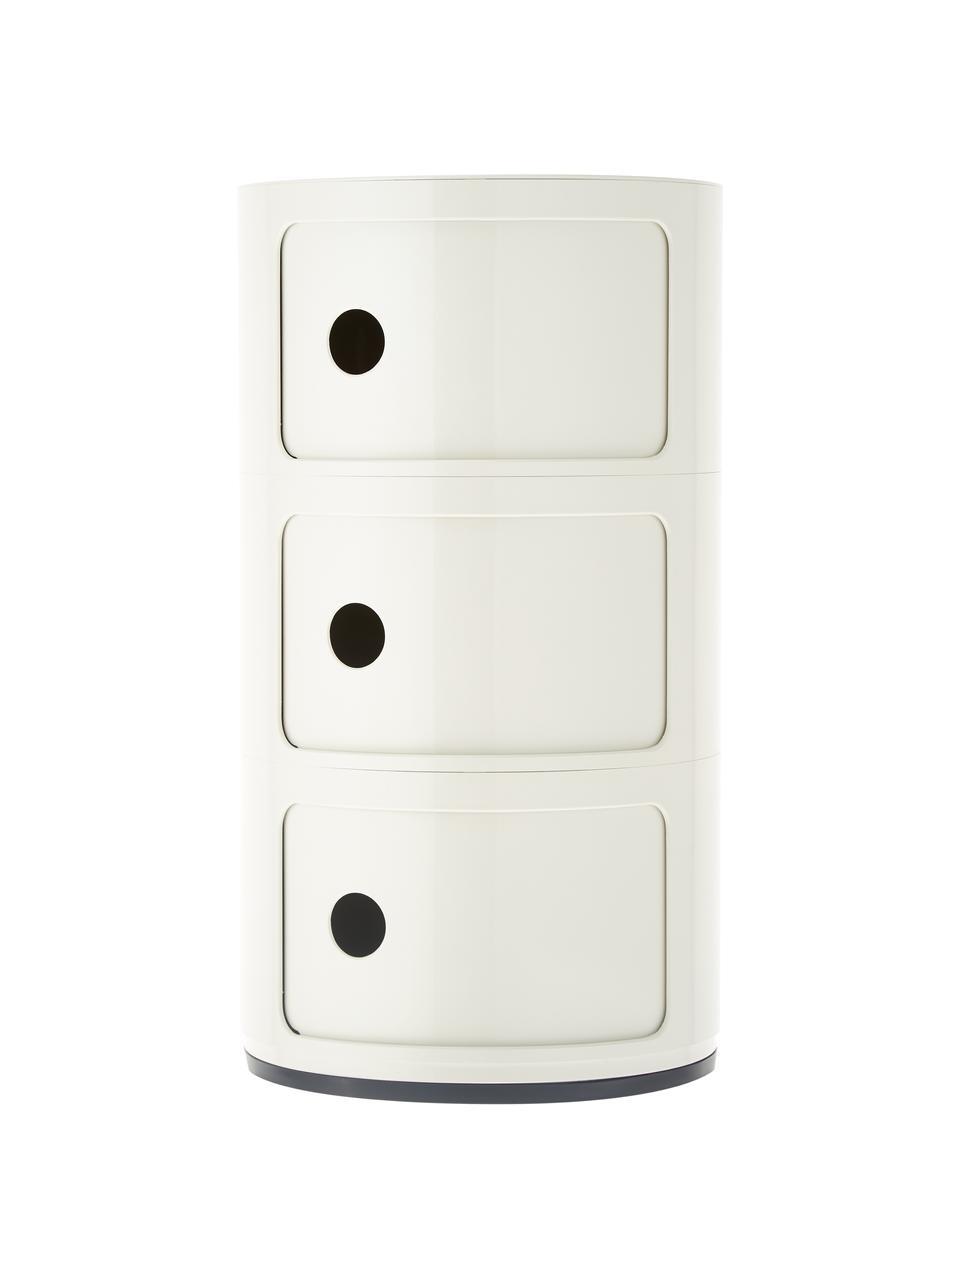 Comodino contenitore di design con 3 cassetti Componibili, Materiale sintetico (ABS), verniciato, bianco opaco, Ø 32 x Alt. 59 cm